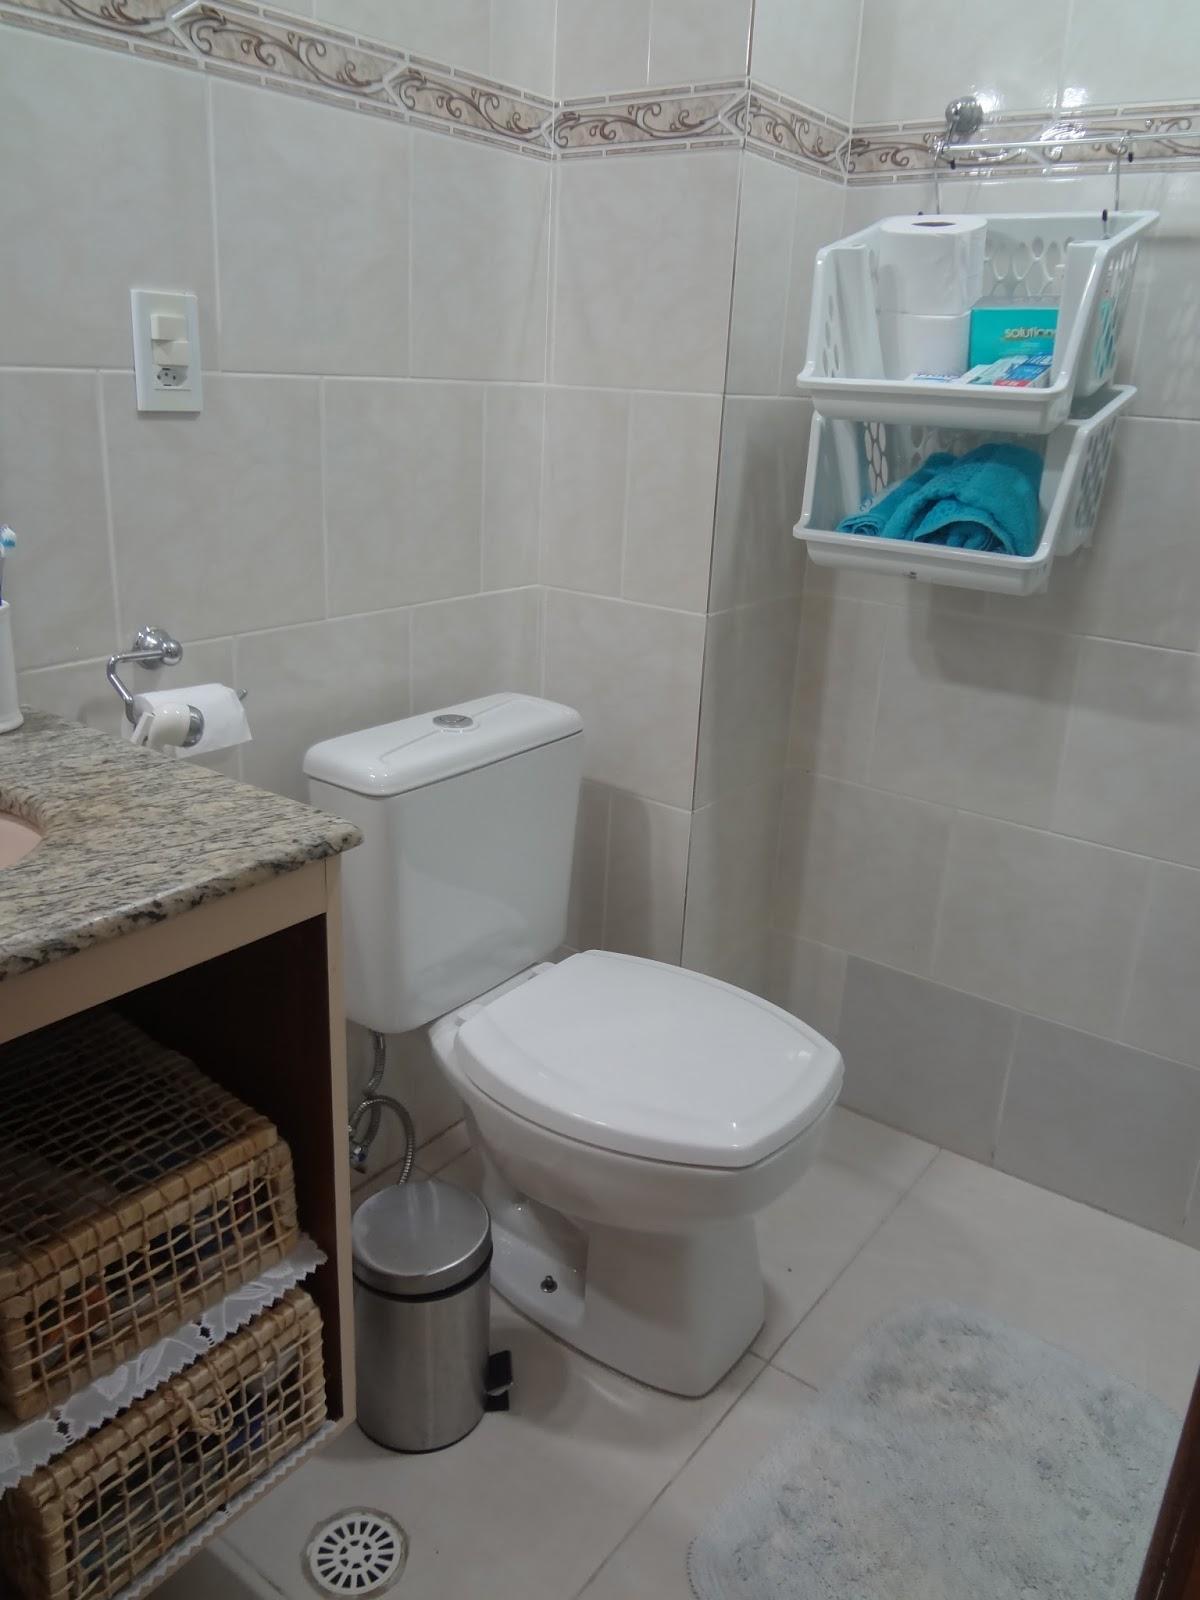 Minha Kasinha: Banheiro da Suite do Casal 1ª Edição vai ter  #207382 1200x1600 Banheiro Da Suite Do Casal